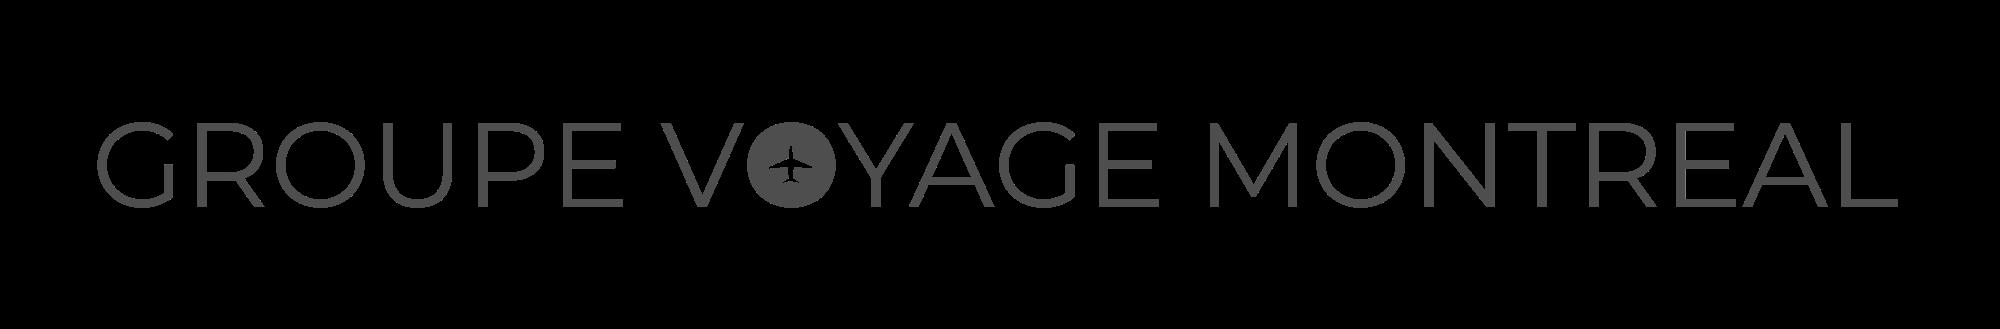 Par Groupe Voyage Montréal